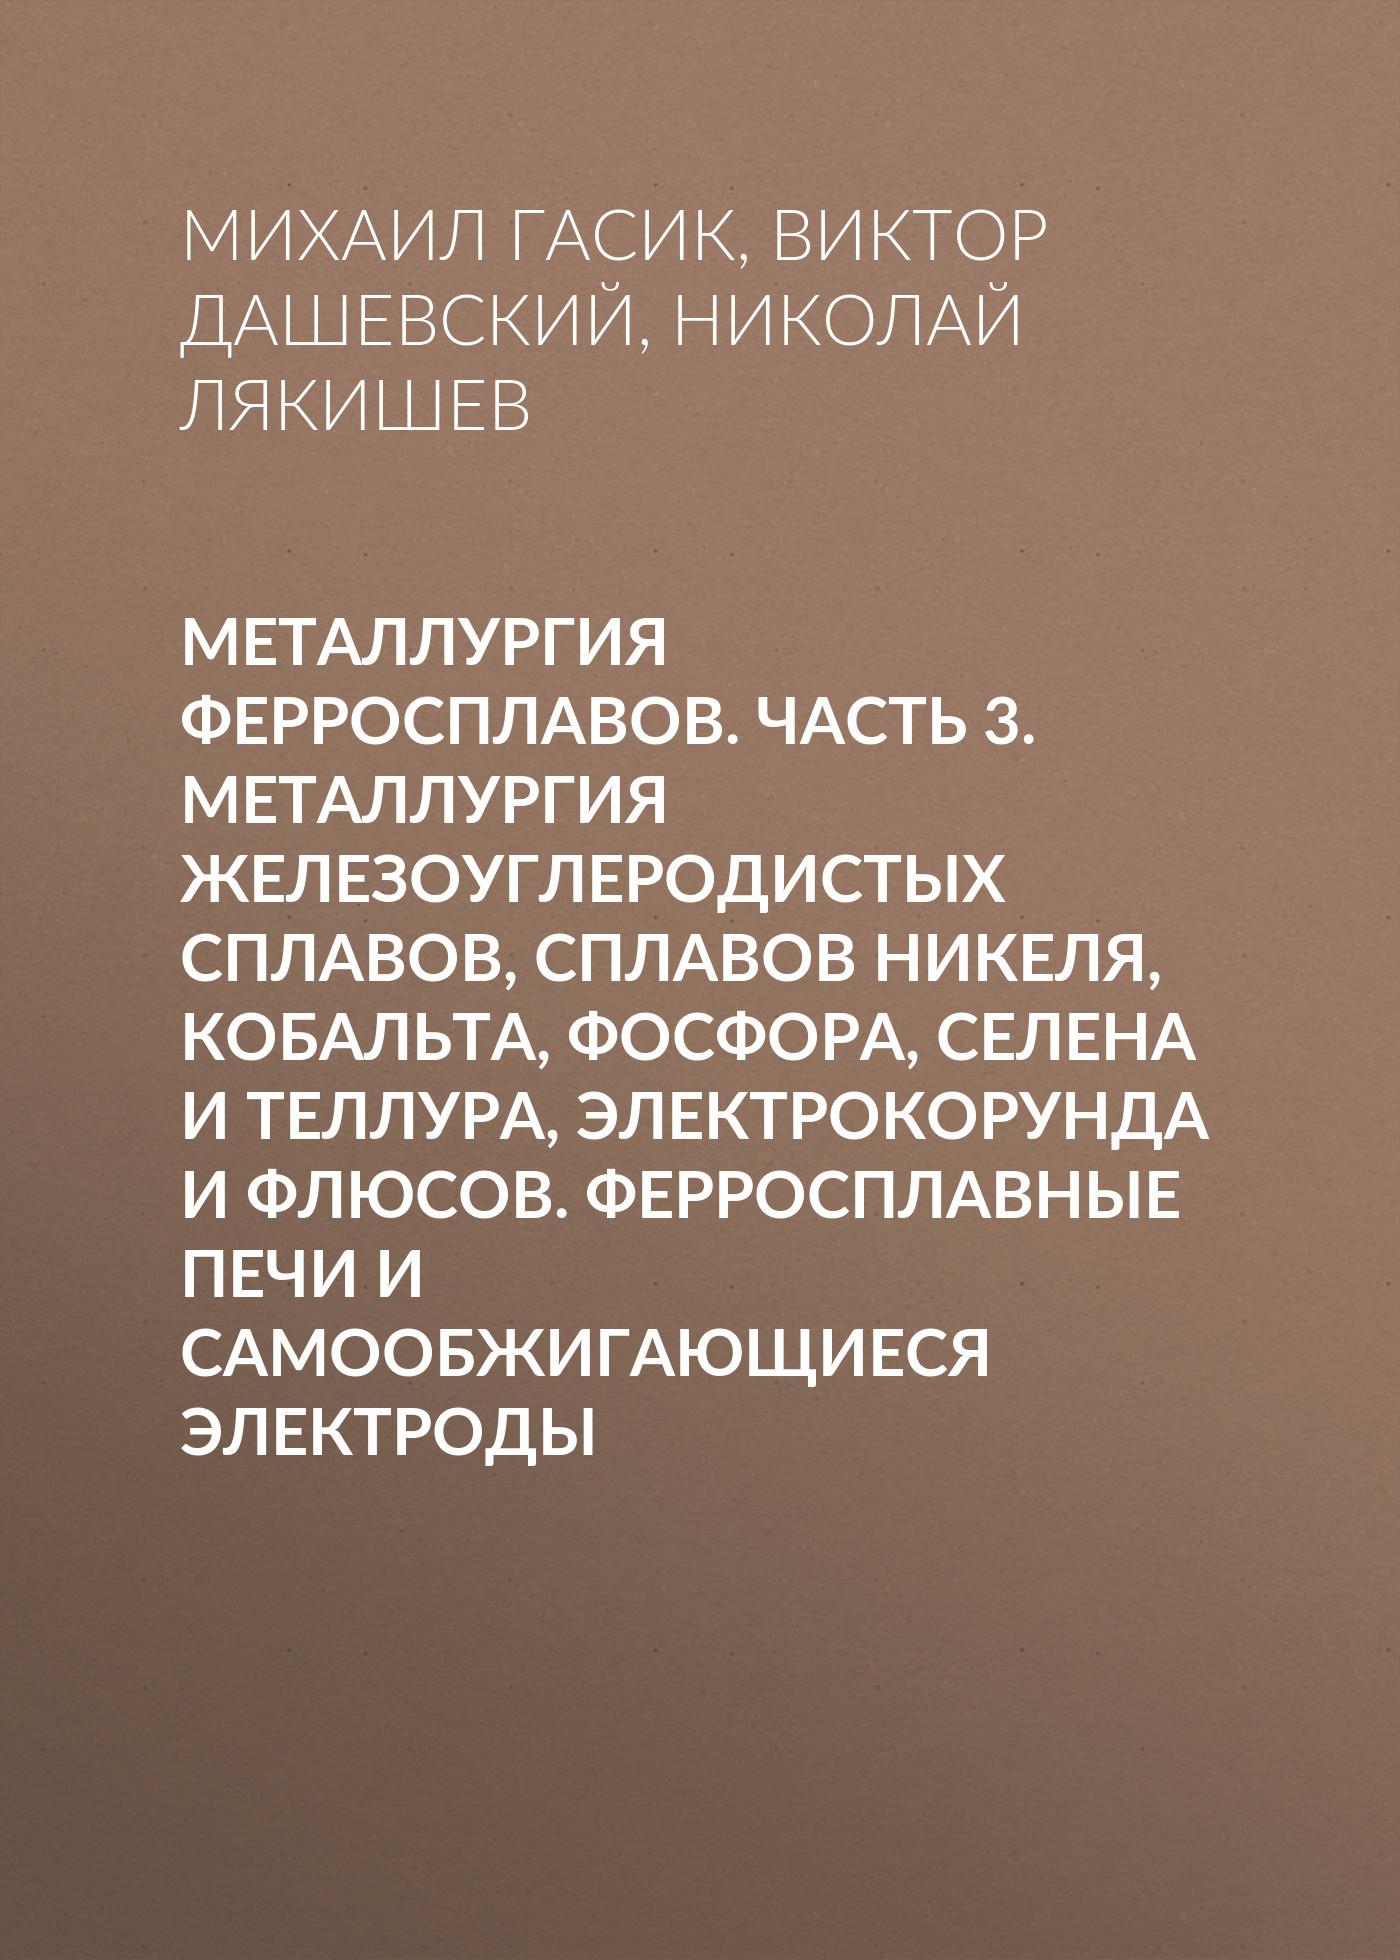 Николай Лякишев Металлургия ферросплавов. Часть 3. Металлургия железоуглеродистых сплавов, сплавов никеля, кобальта, фосфора, селена и теллура, электрокорунда и флюсов. Ферросплавные печи и самообжигающиеся электроды